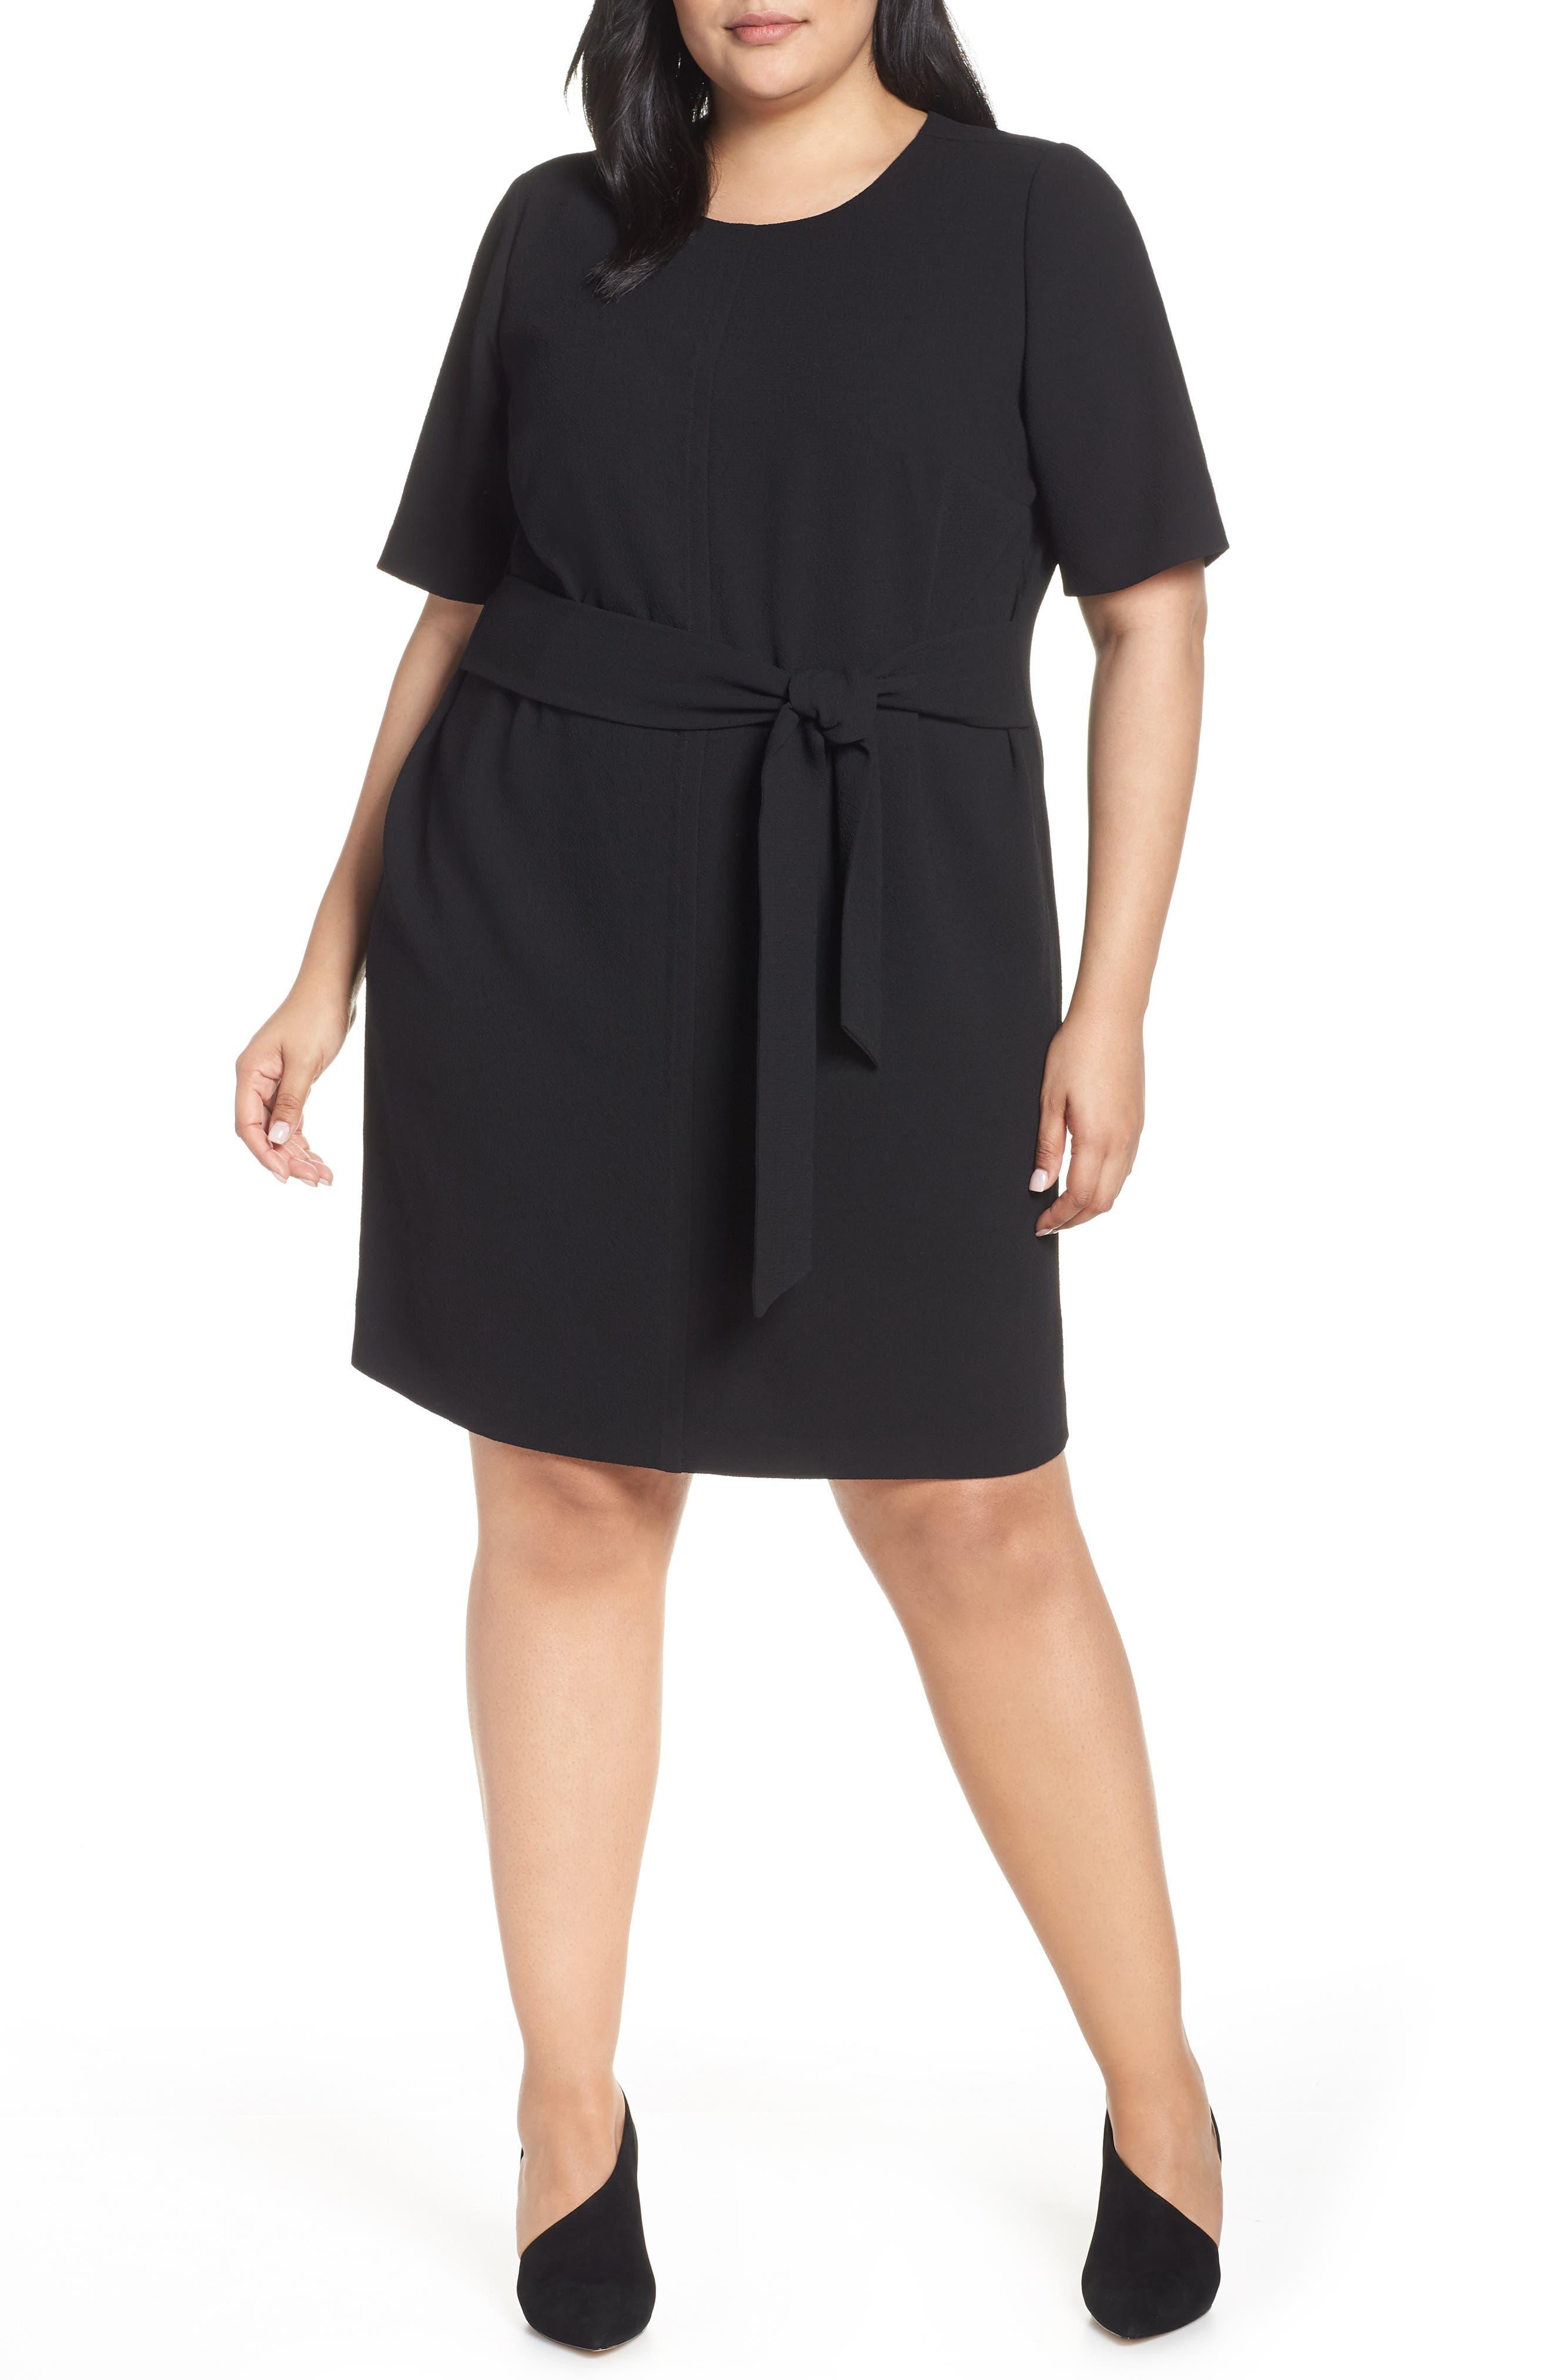 Plus Size Vince Camuto Belt Parisian Crepe Dress, Black